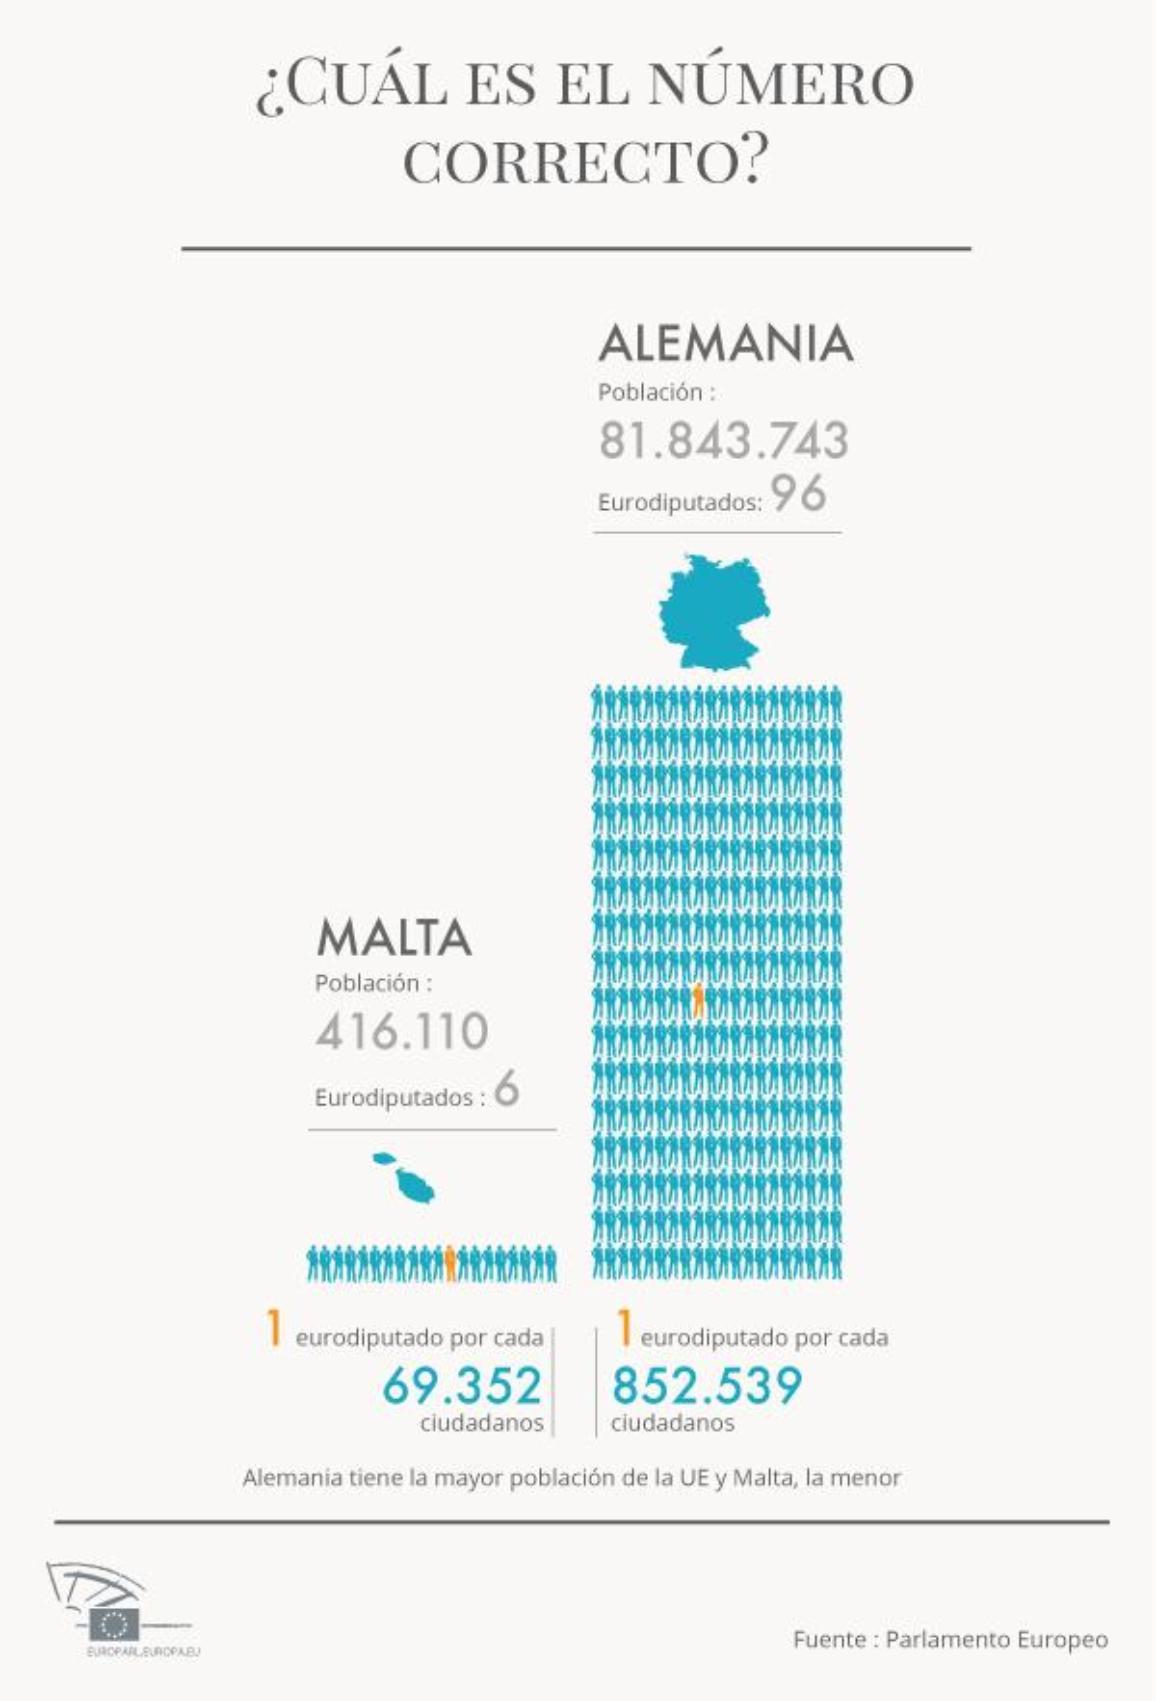 Los países pequeños tienen una mayor proporción de escaños que los grandes, con respecto al tamaño de la población